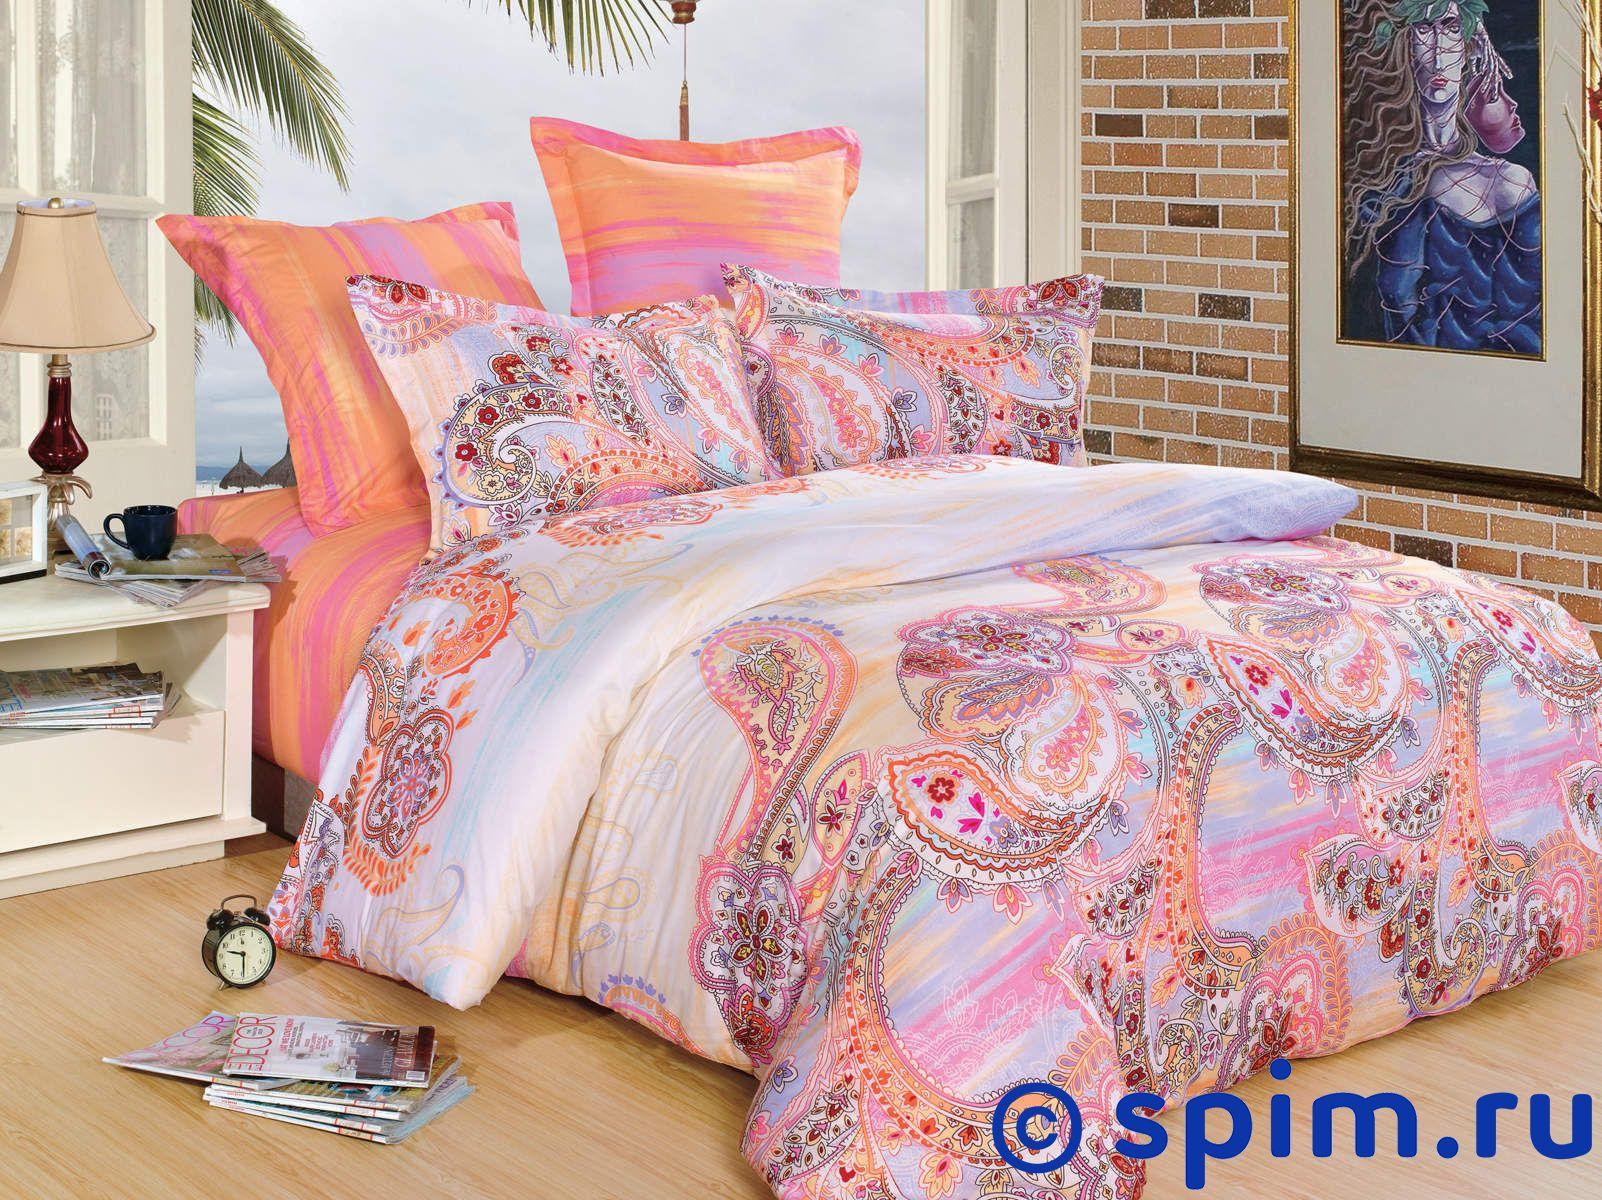 Комплект СайлиД В130 1.5 спальноеСатиновое постельное белье СайлиД<br>Материал: 100% хлопок (печатный сатин). Плотность, г/м2: 130. Размер Sailid Б: 1.5 спальное<br><br>Размер: 1.5 спальное